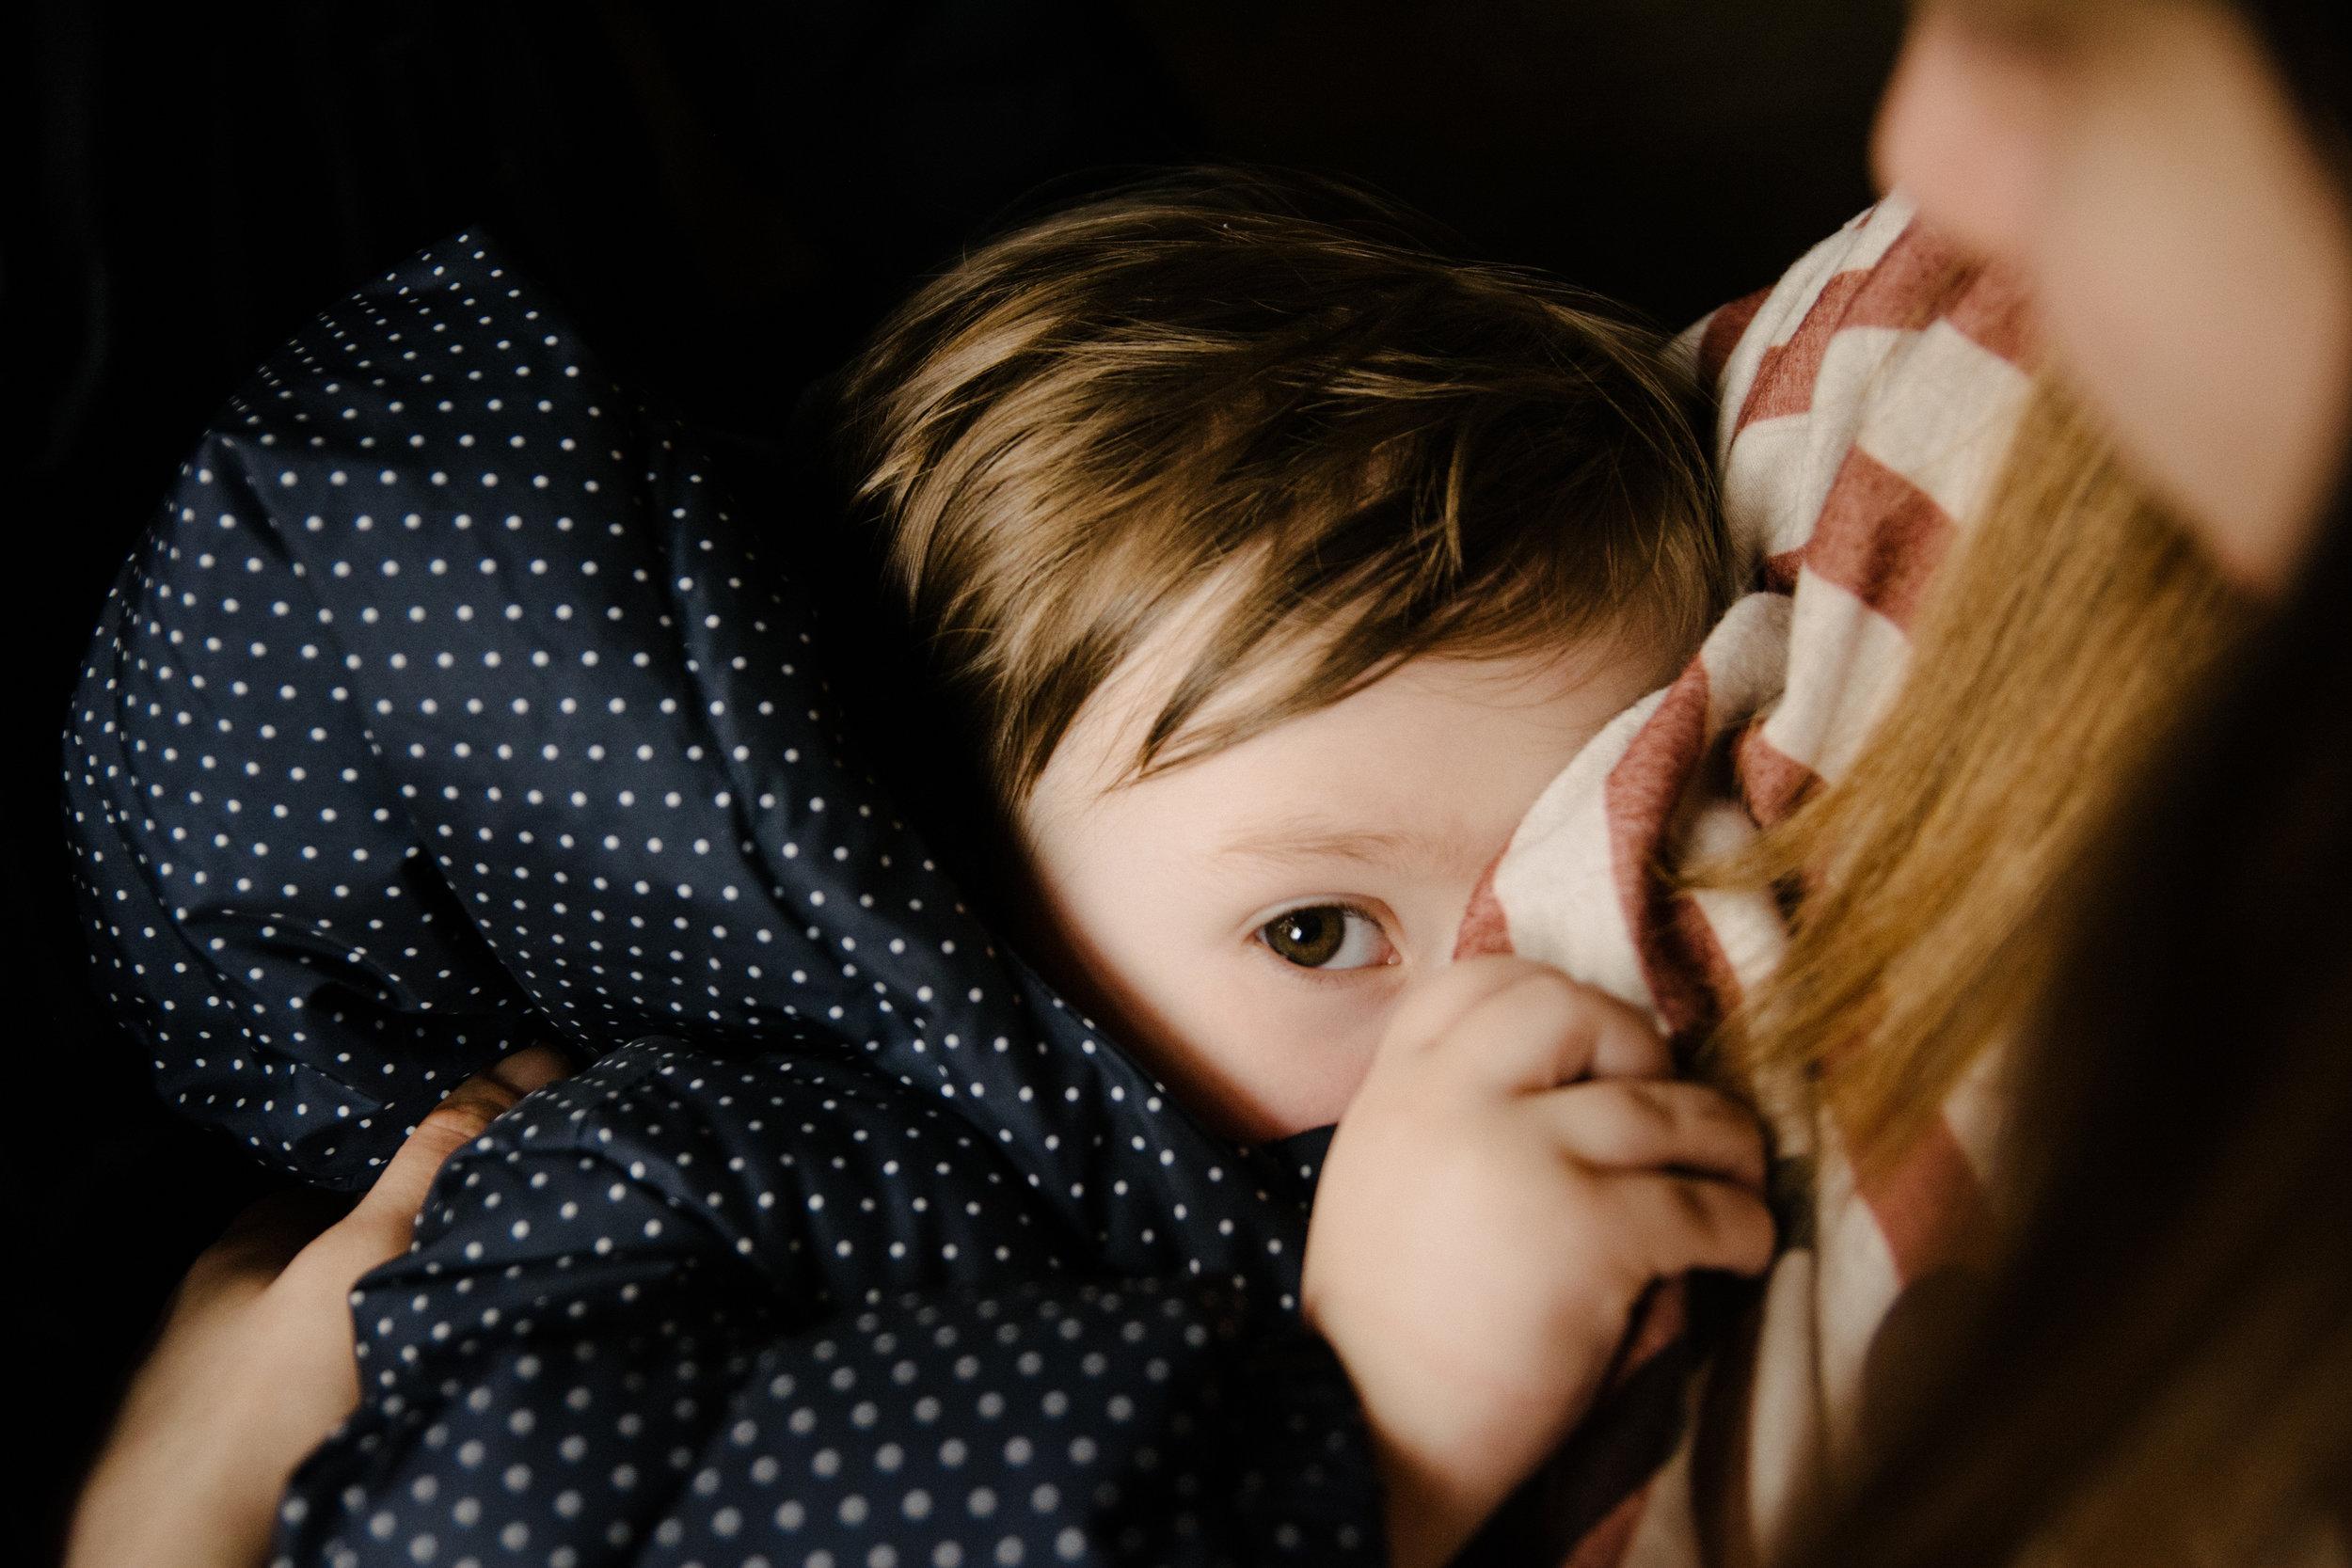 photo-d-un-enfant-qui-boit-du-lait-au-sein-de-sa-mere-photographe-lifestyle-famille-et-nouveau-ne-a-montreal-marianne-charland-14.jpg